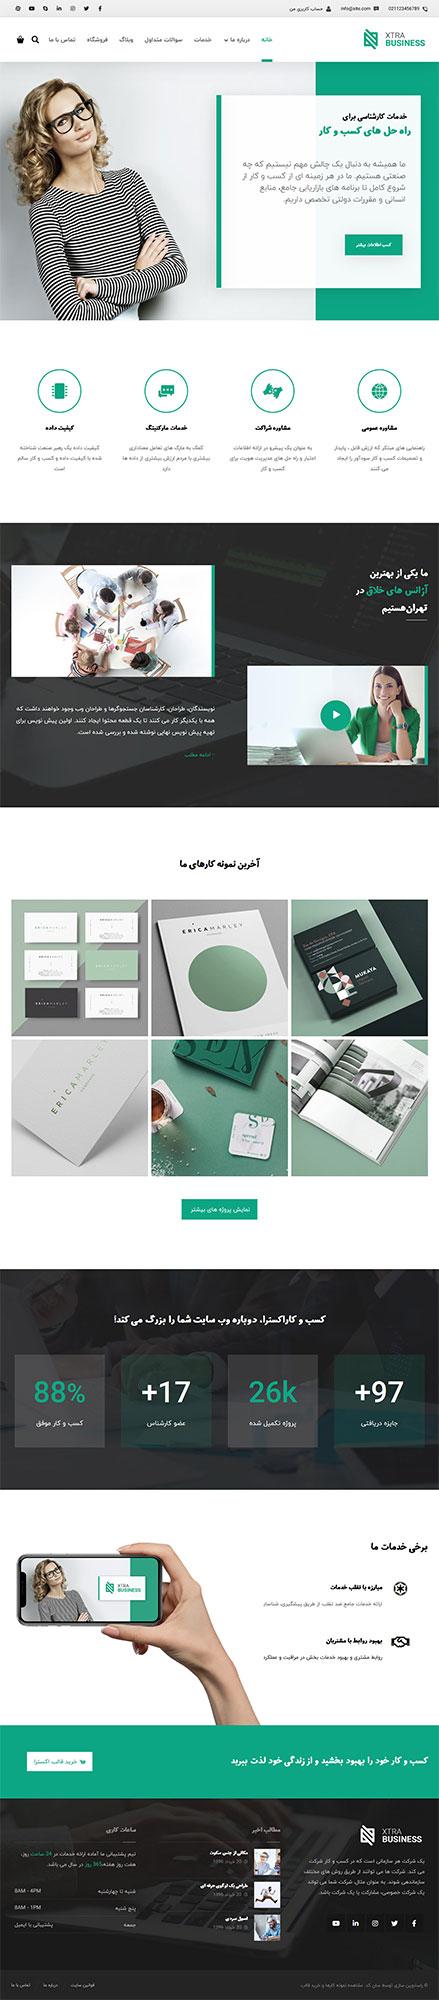 طراحی سایت مشاورین کسب و کار